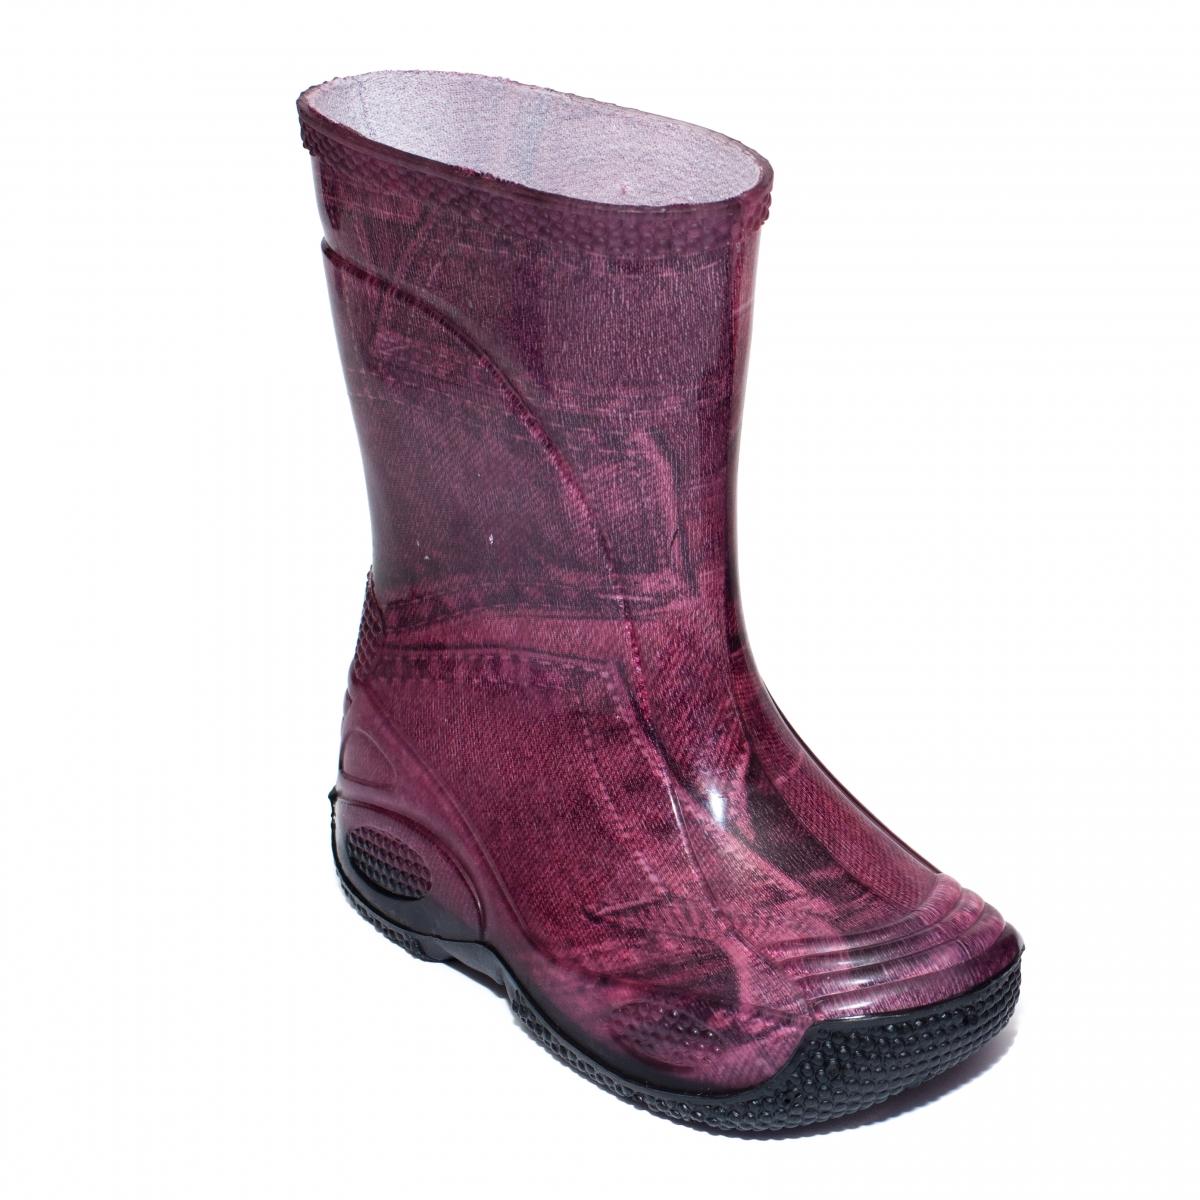 Cizme fete cauciuc de ploaie 2 blug roz 20-35